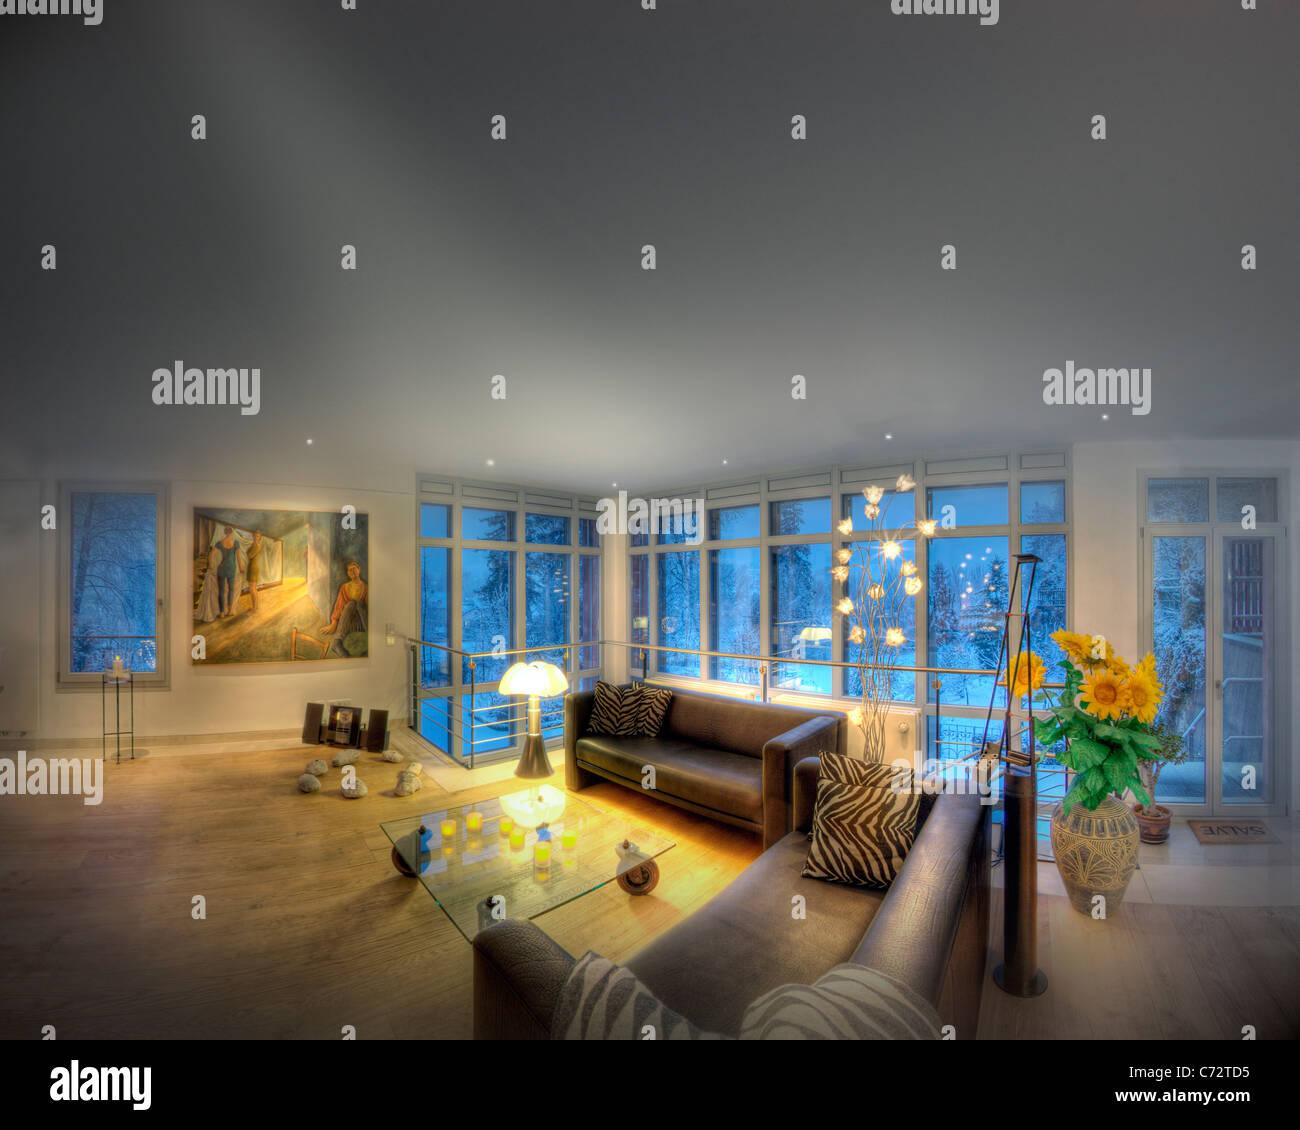 Arquitectura: salón contemporáneo (Alemania/Bad Toelz) Imagen De Stock